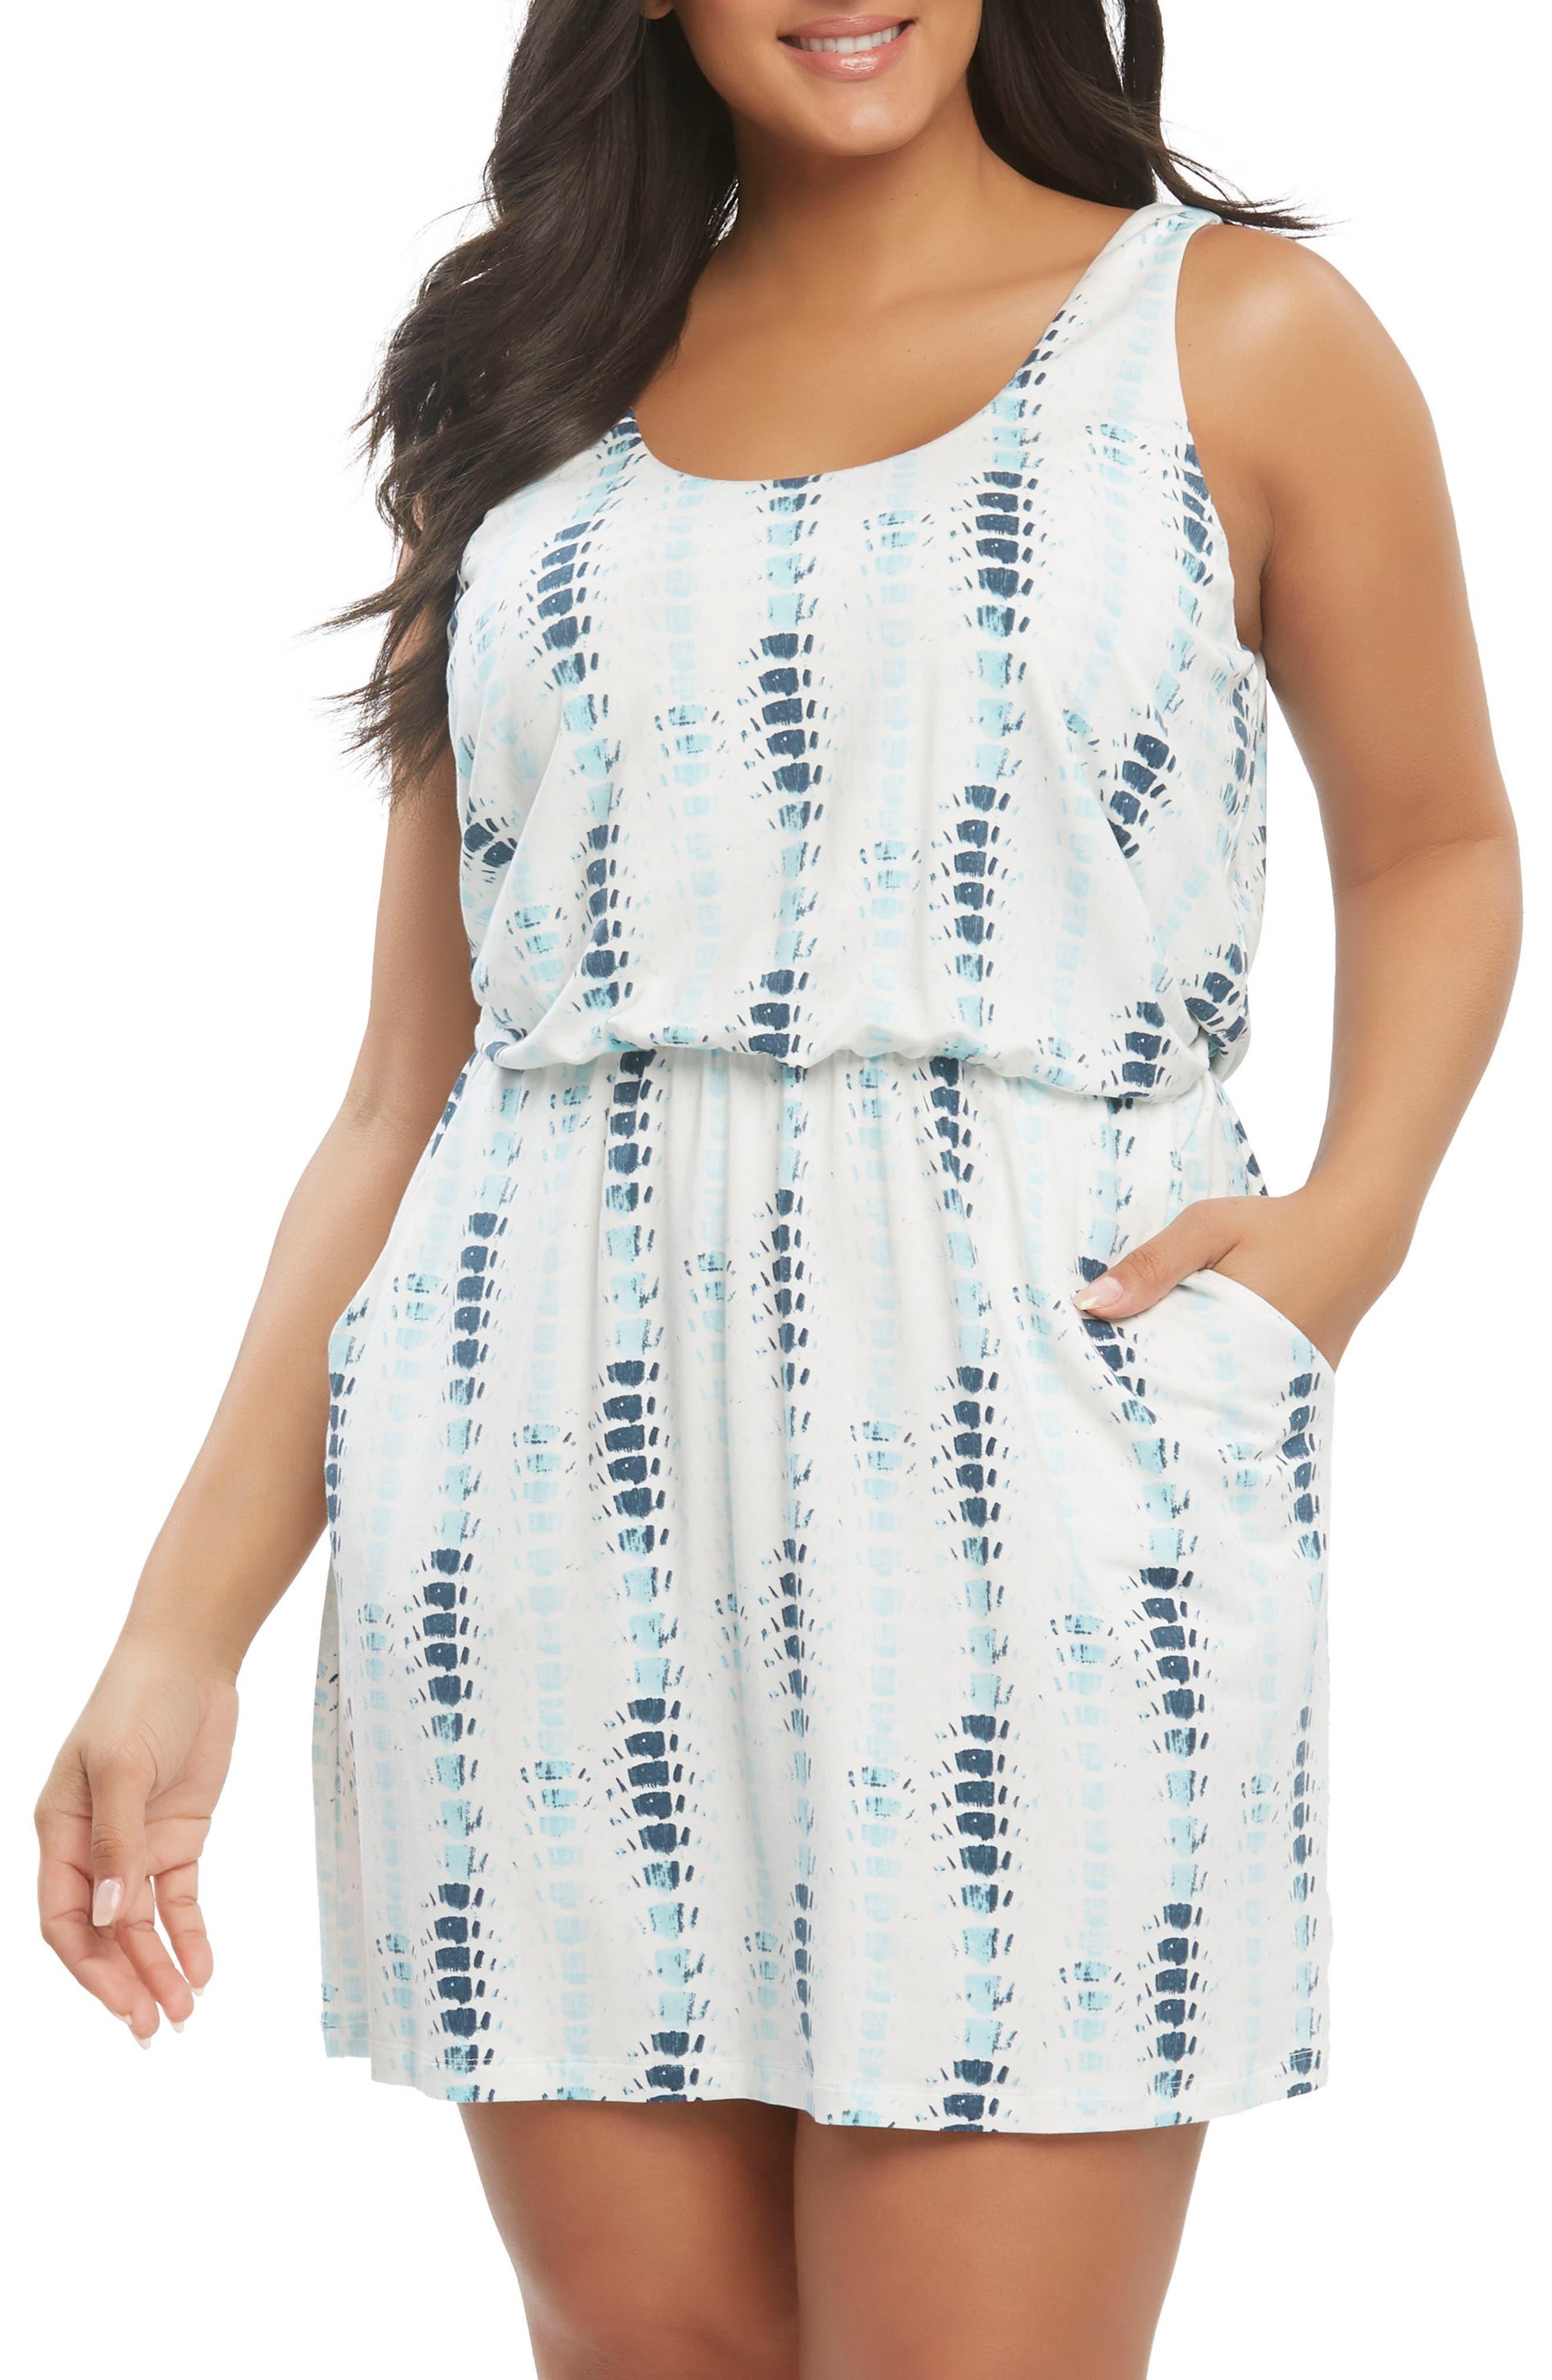 TART Felicity Minidress in Brushed Stripe